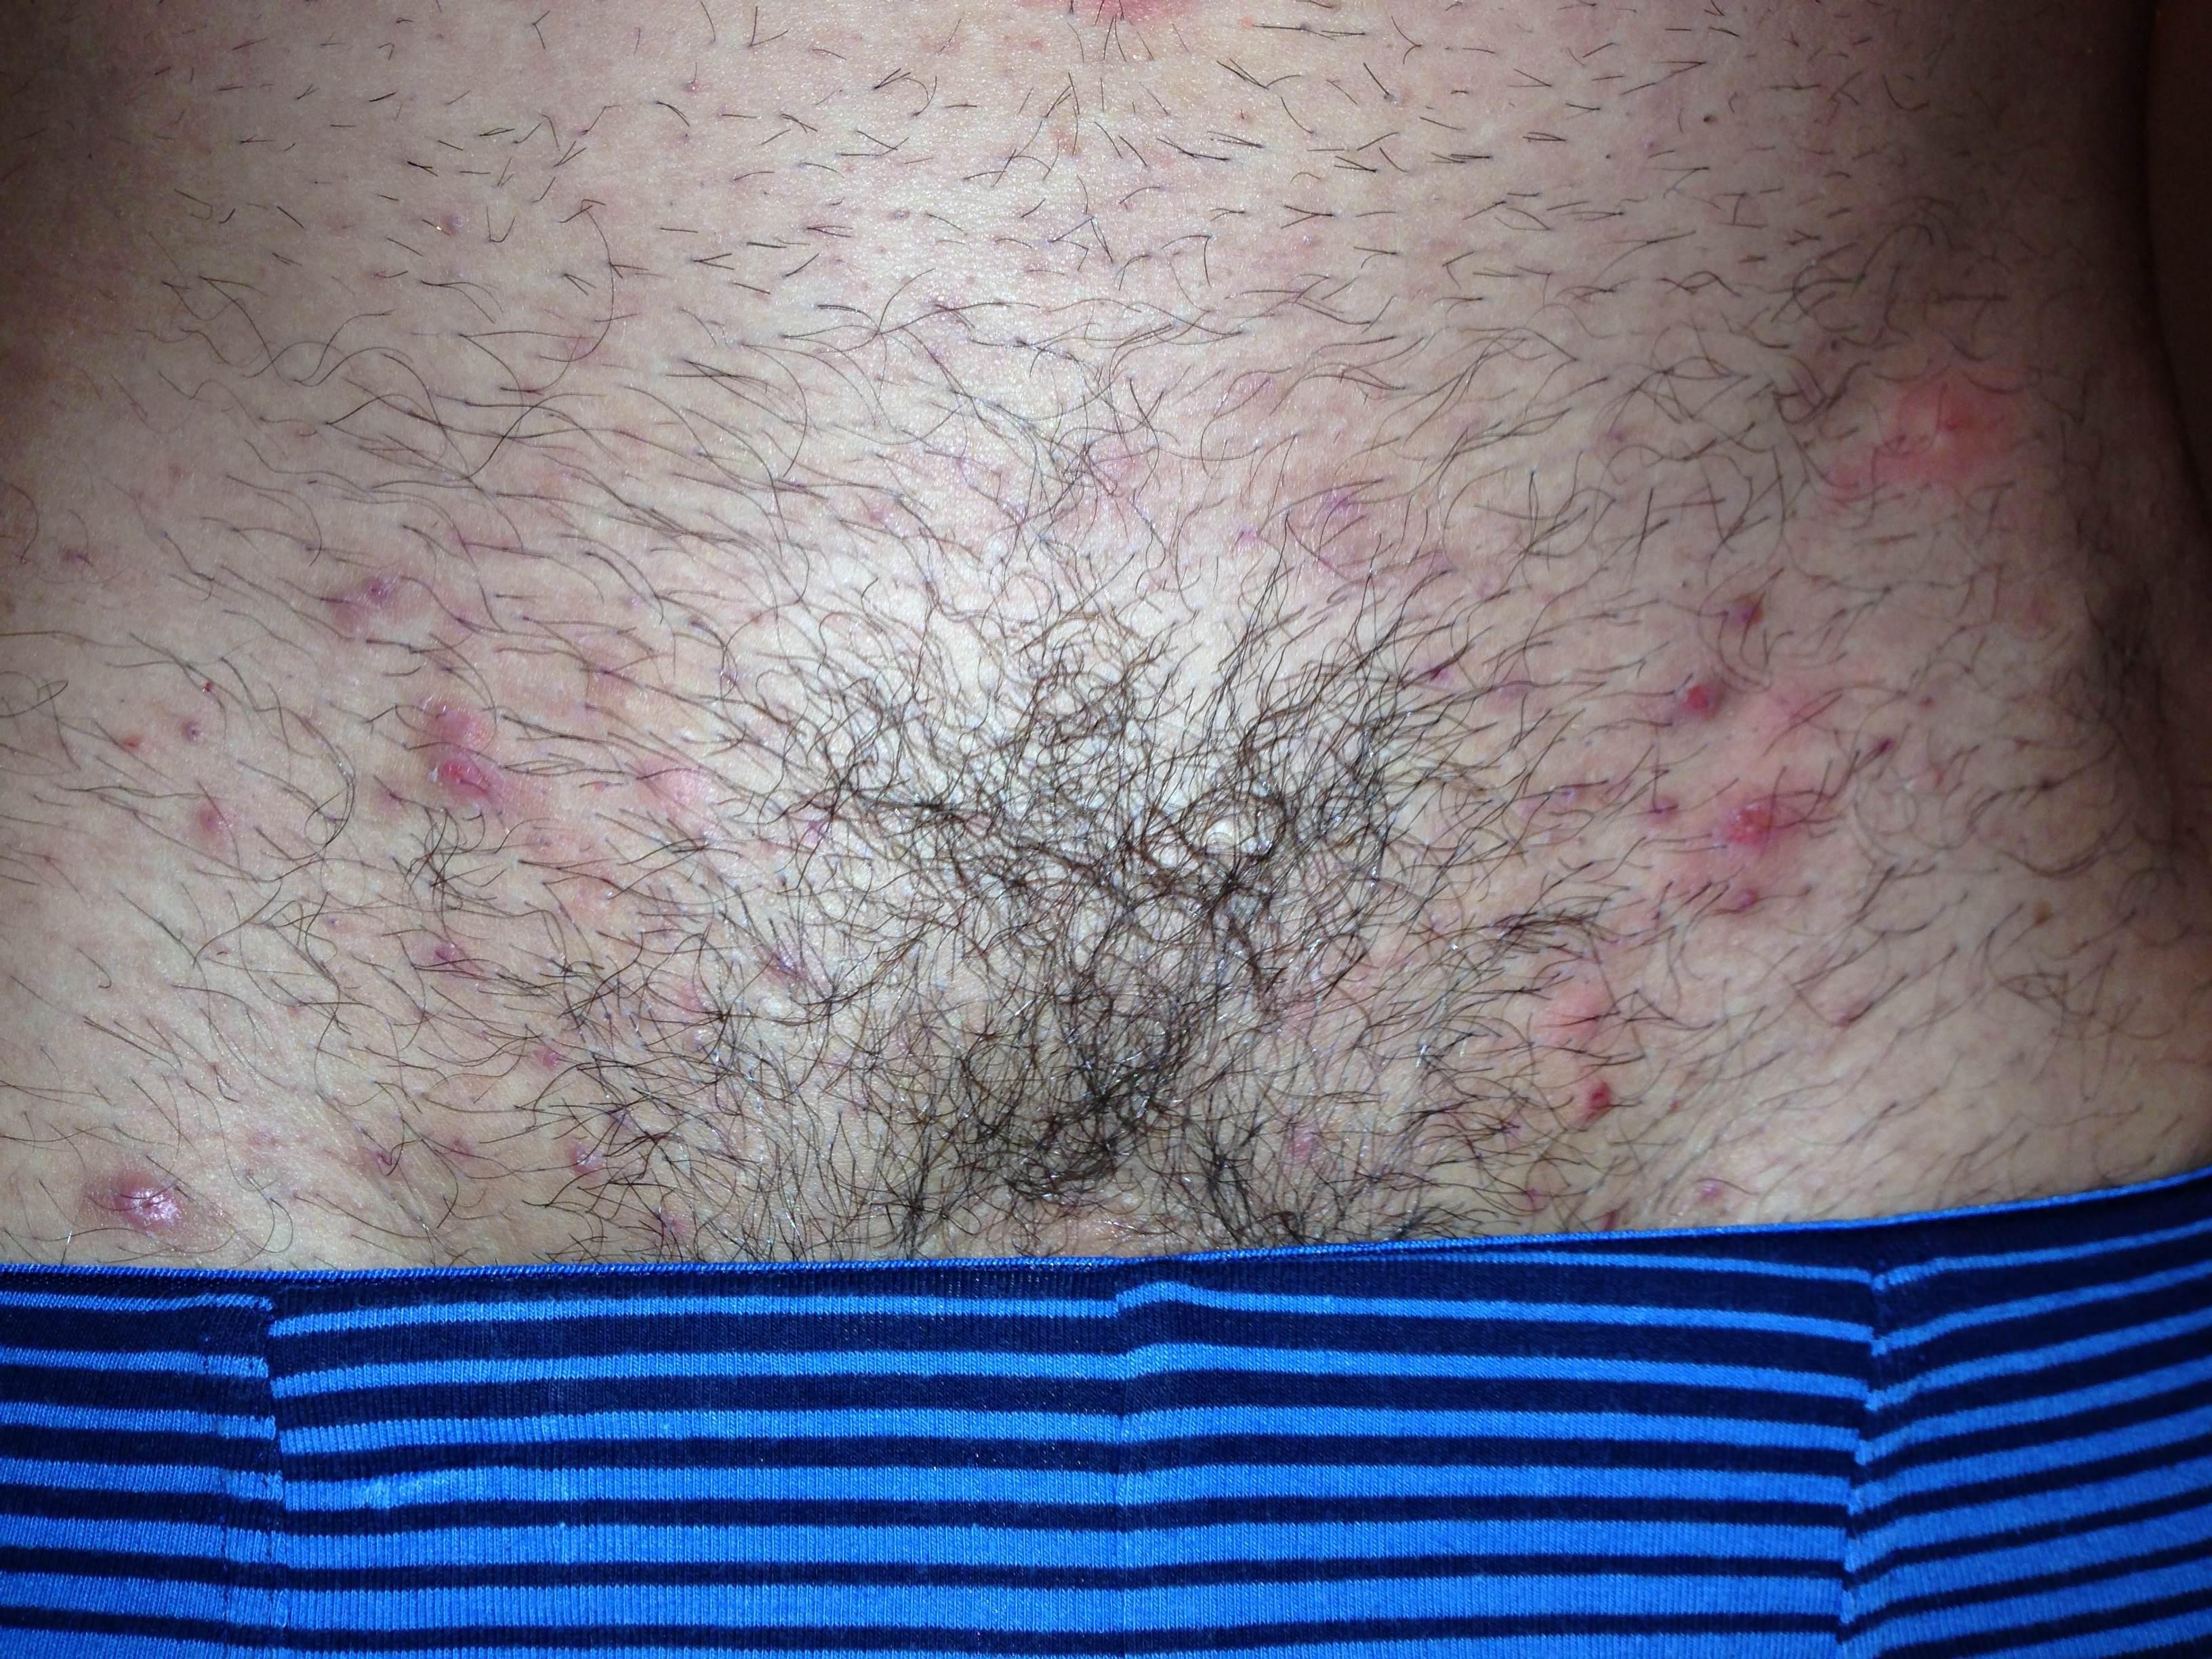 Ingrown pubic hair - Ingrown Hair In Pubic Area Ingrown Hair On Pubic Area